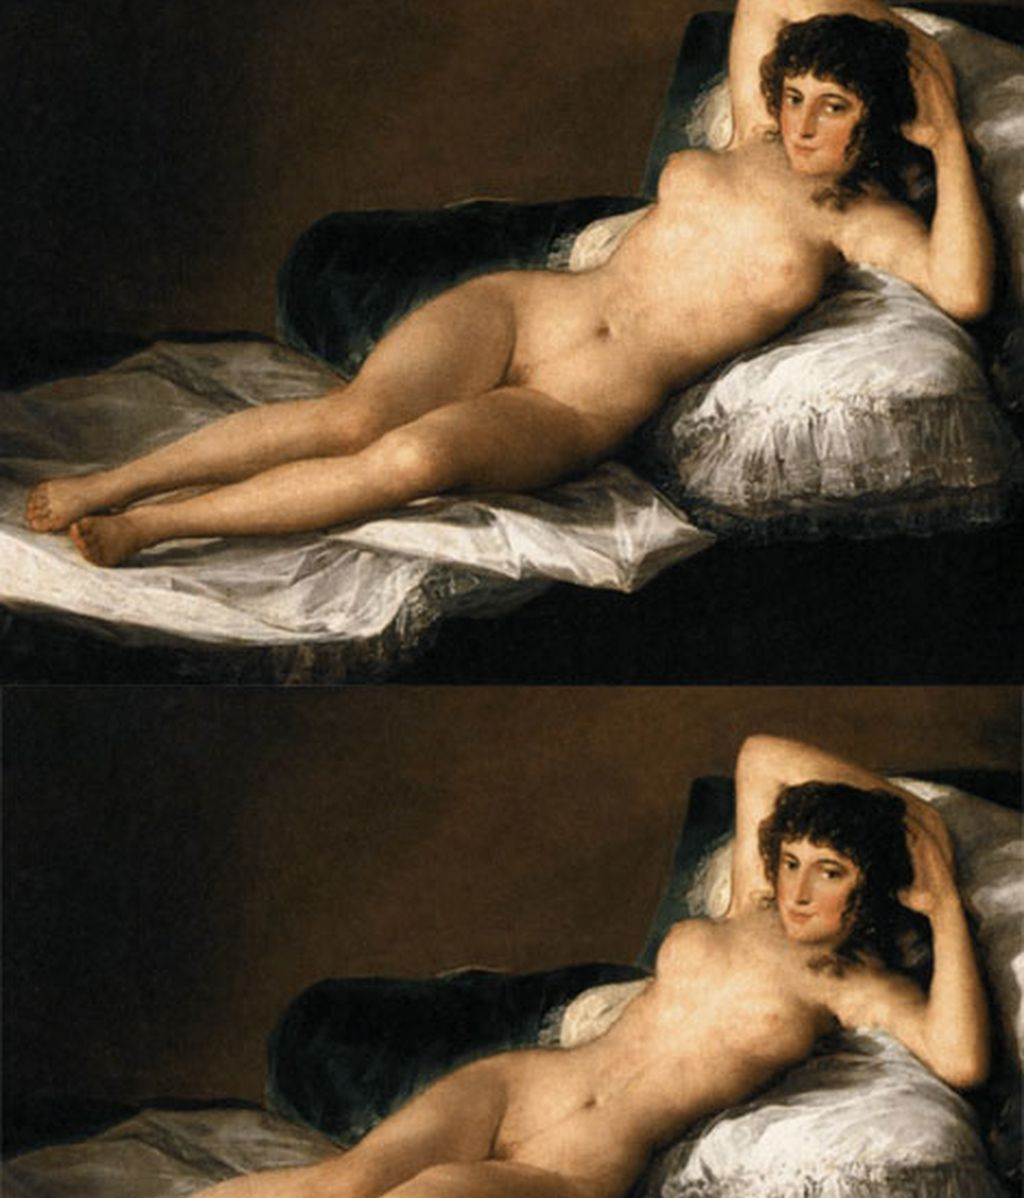 El photoshop llega a las musas desnudas de grandes pintores clásicos